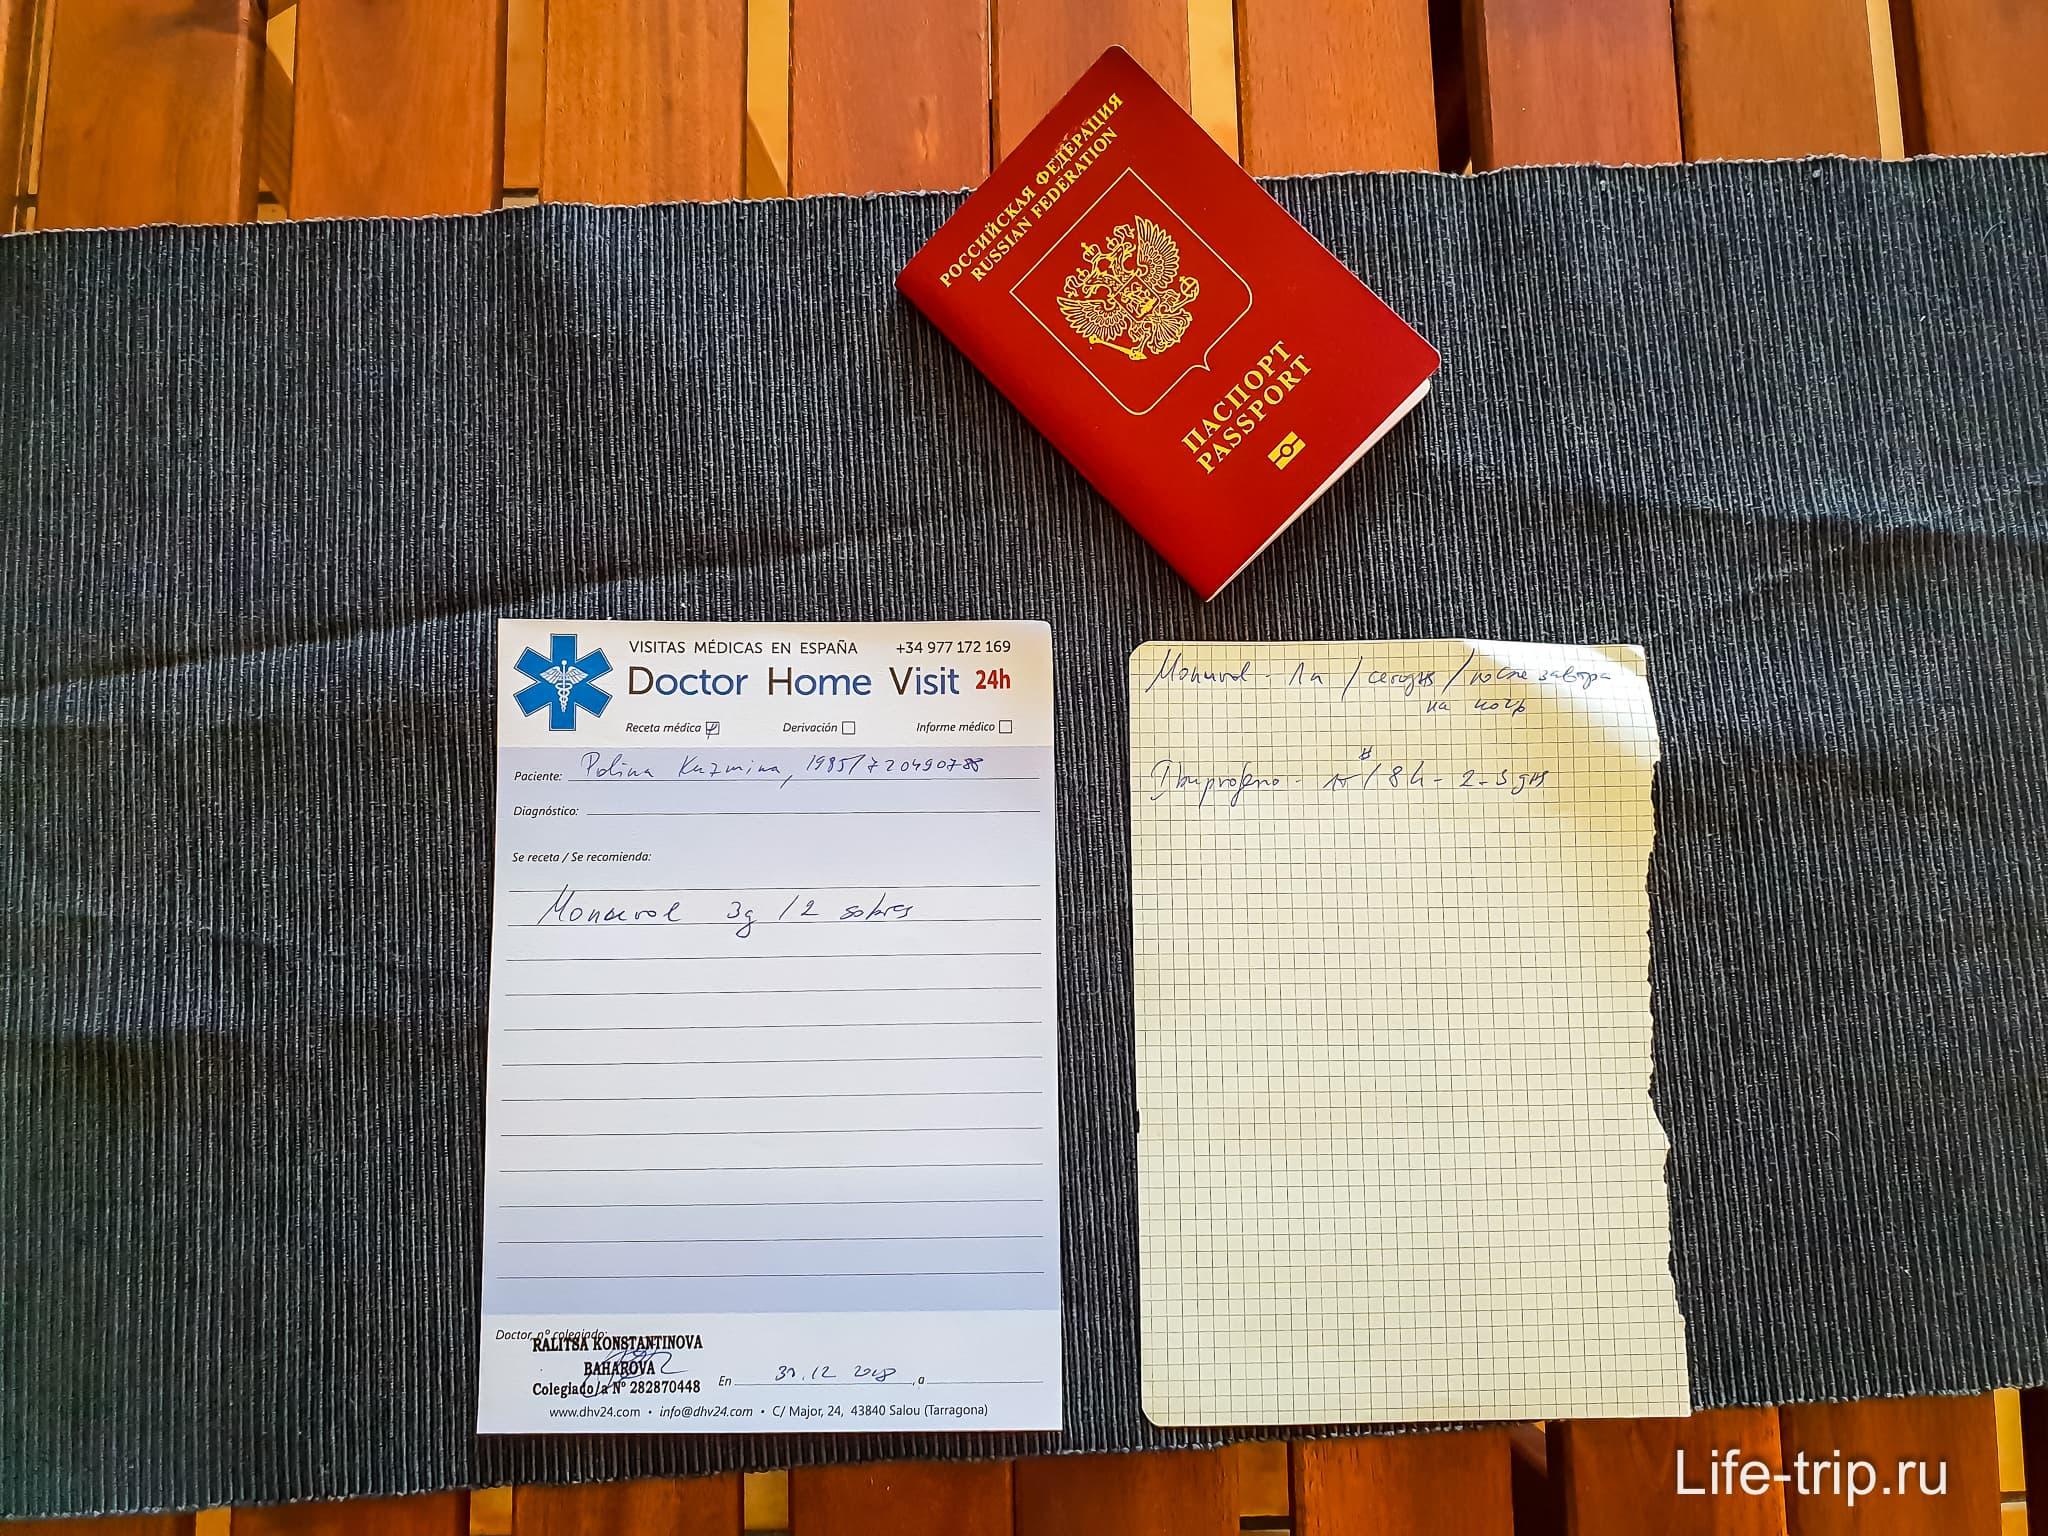 Ничего не платили, показали только паспорт